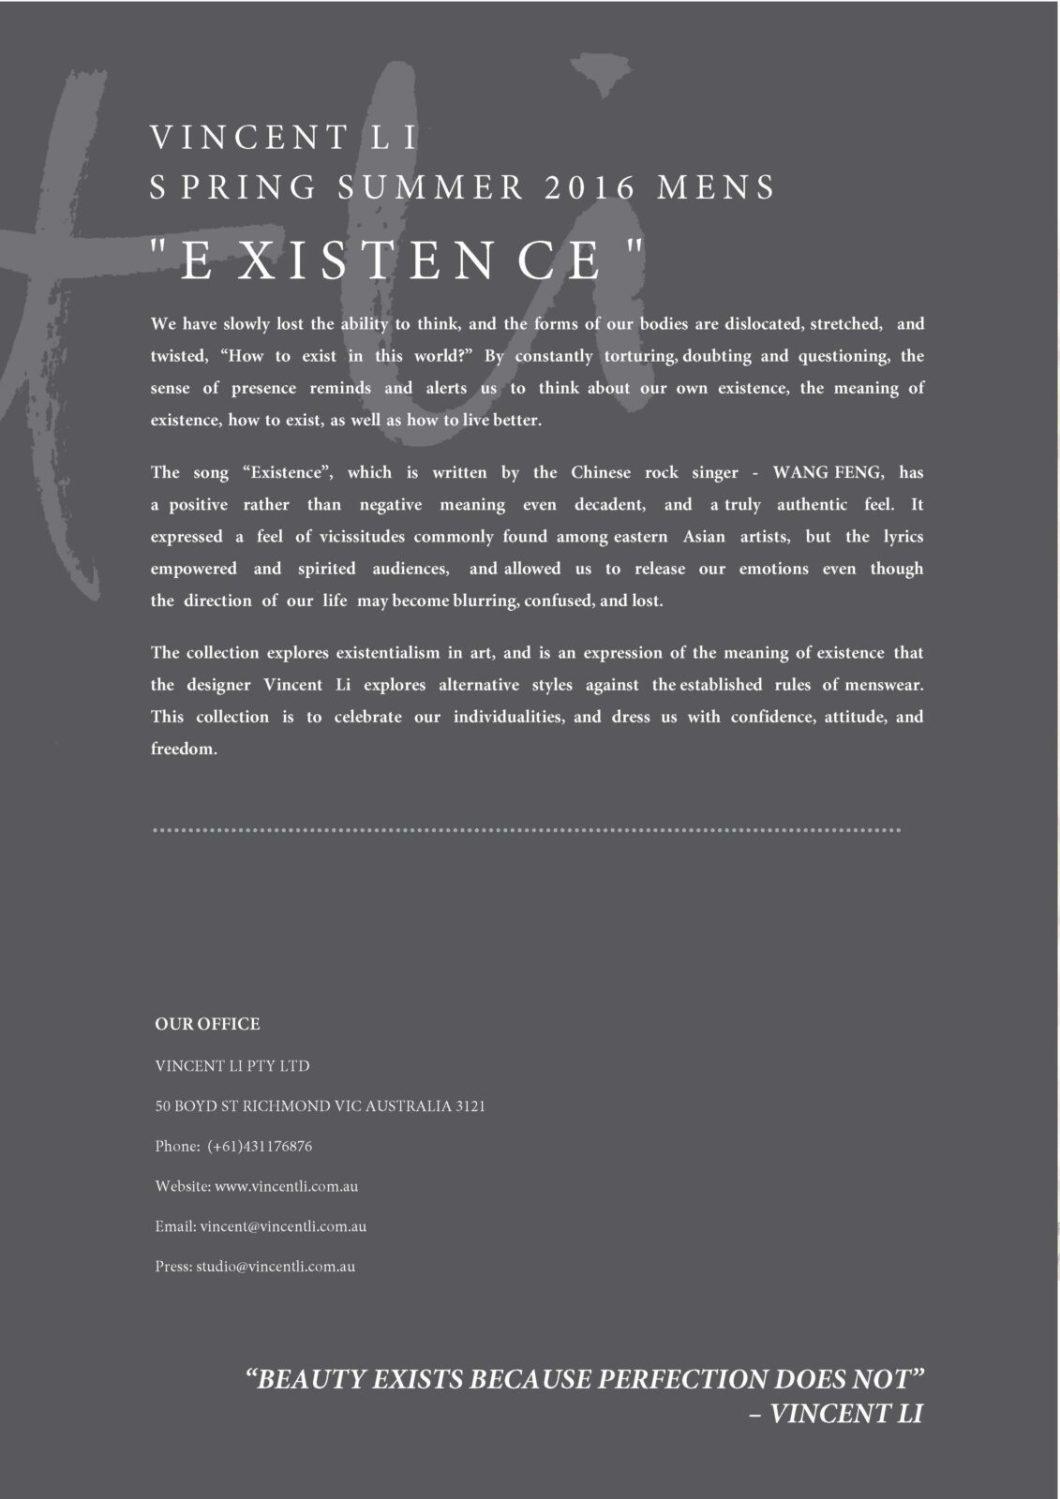 VINCENT LI - SS16 MENS - PRESS RELEASE_Page_3